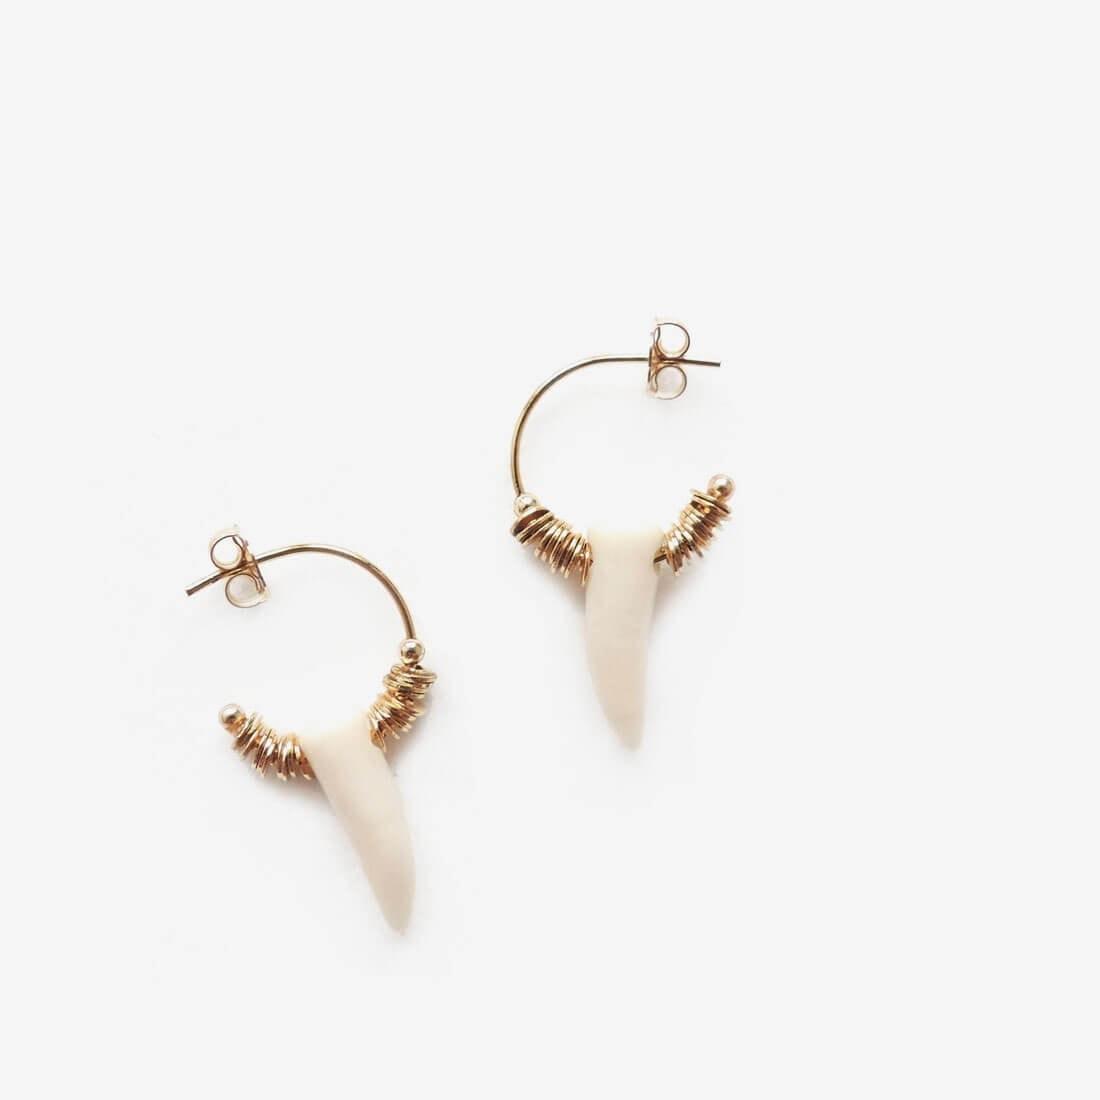 boucle d'oreille corne